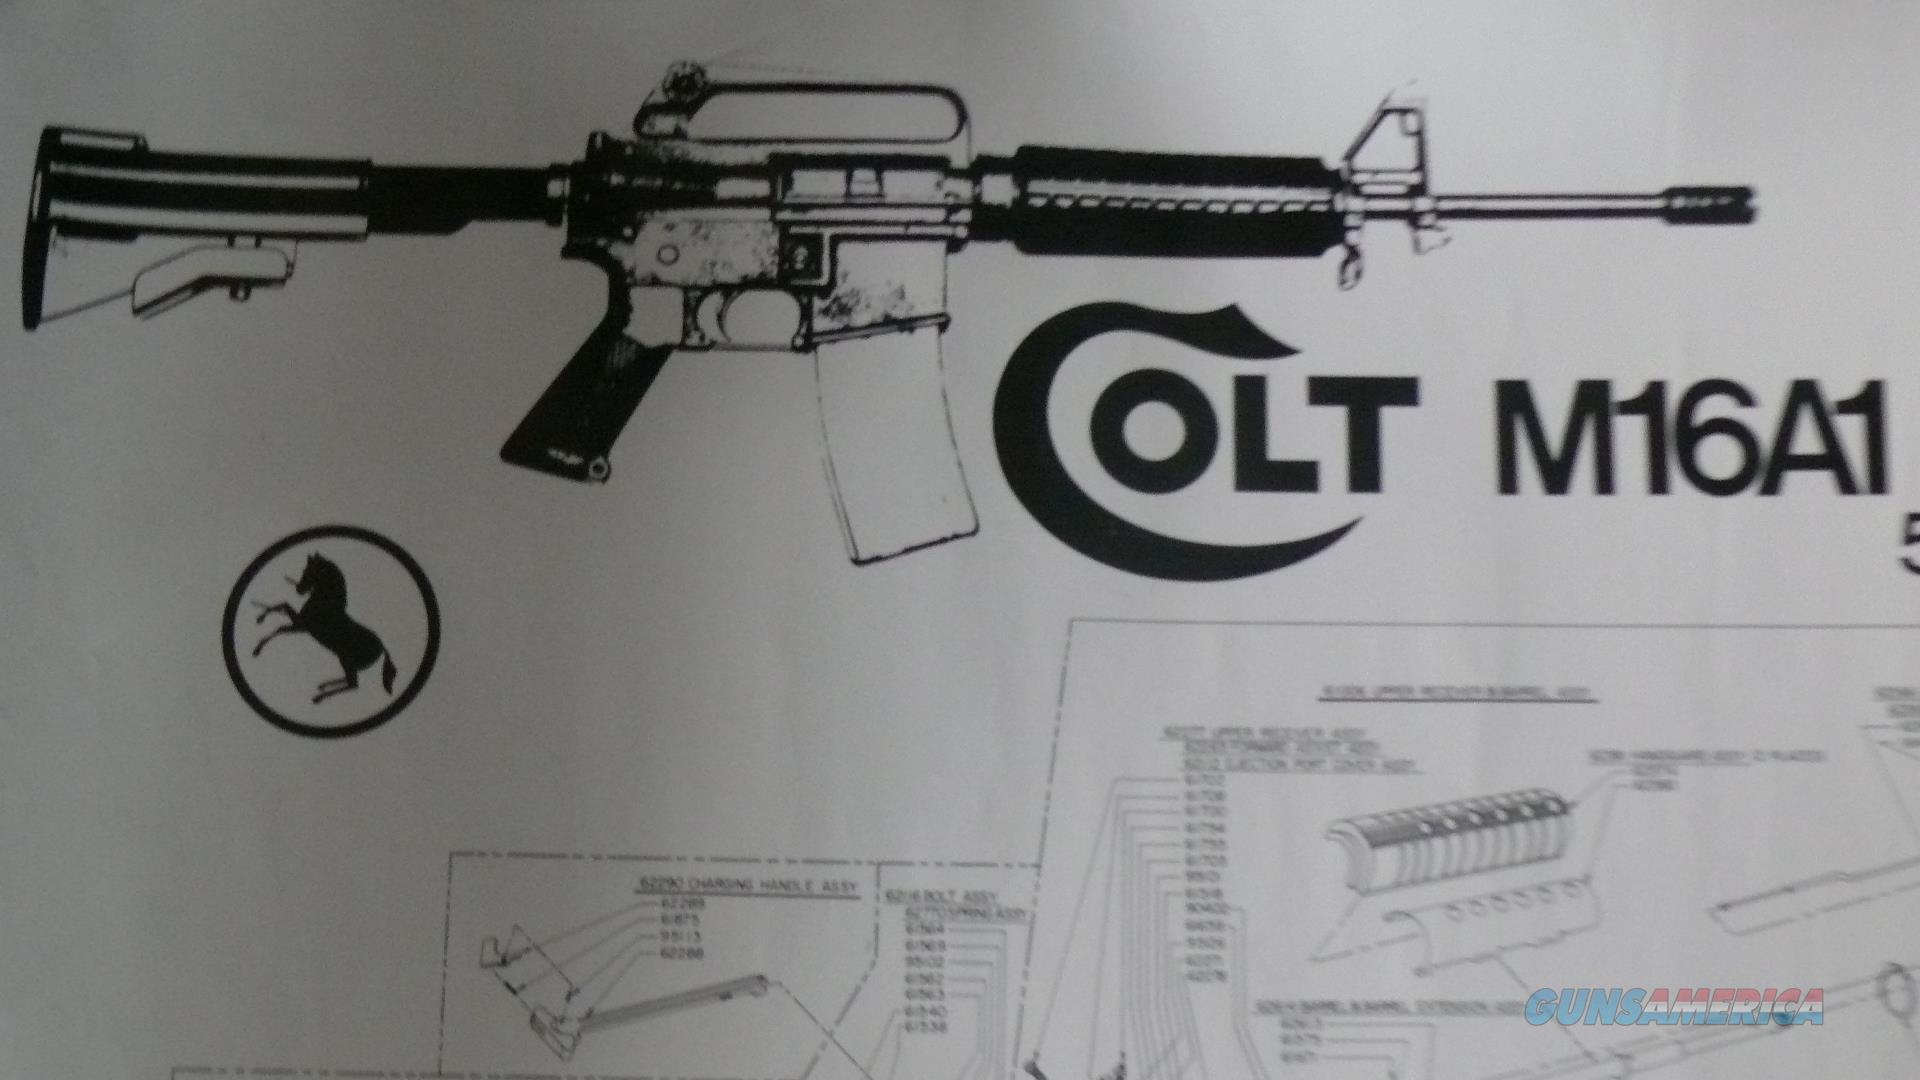 Vintage COLT M16A1 Carbine Poster factory Part No. 91962 Pre- M4  Non-Guns > Artwork